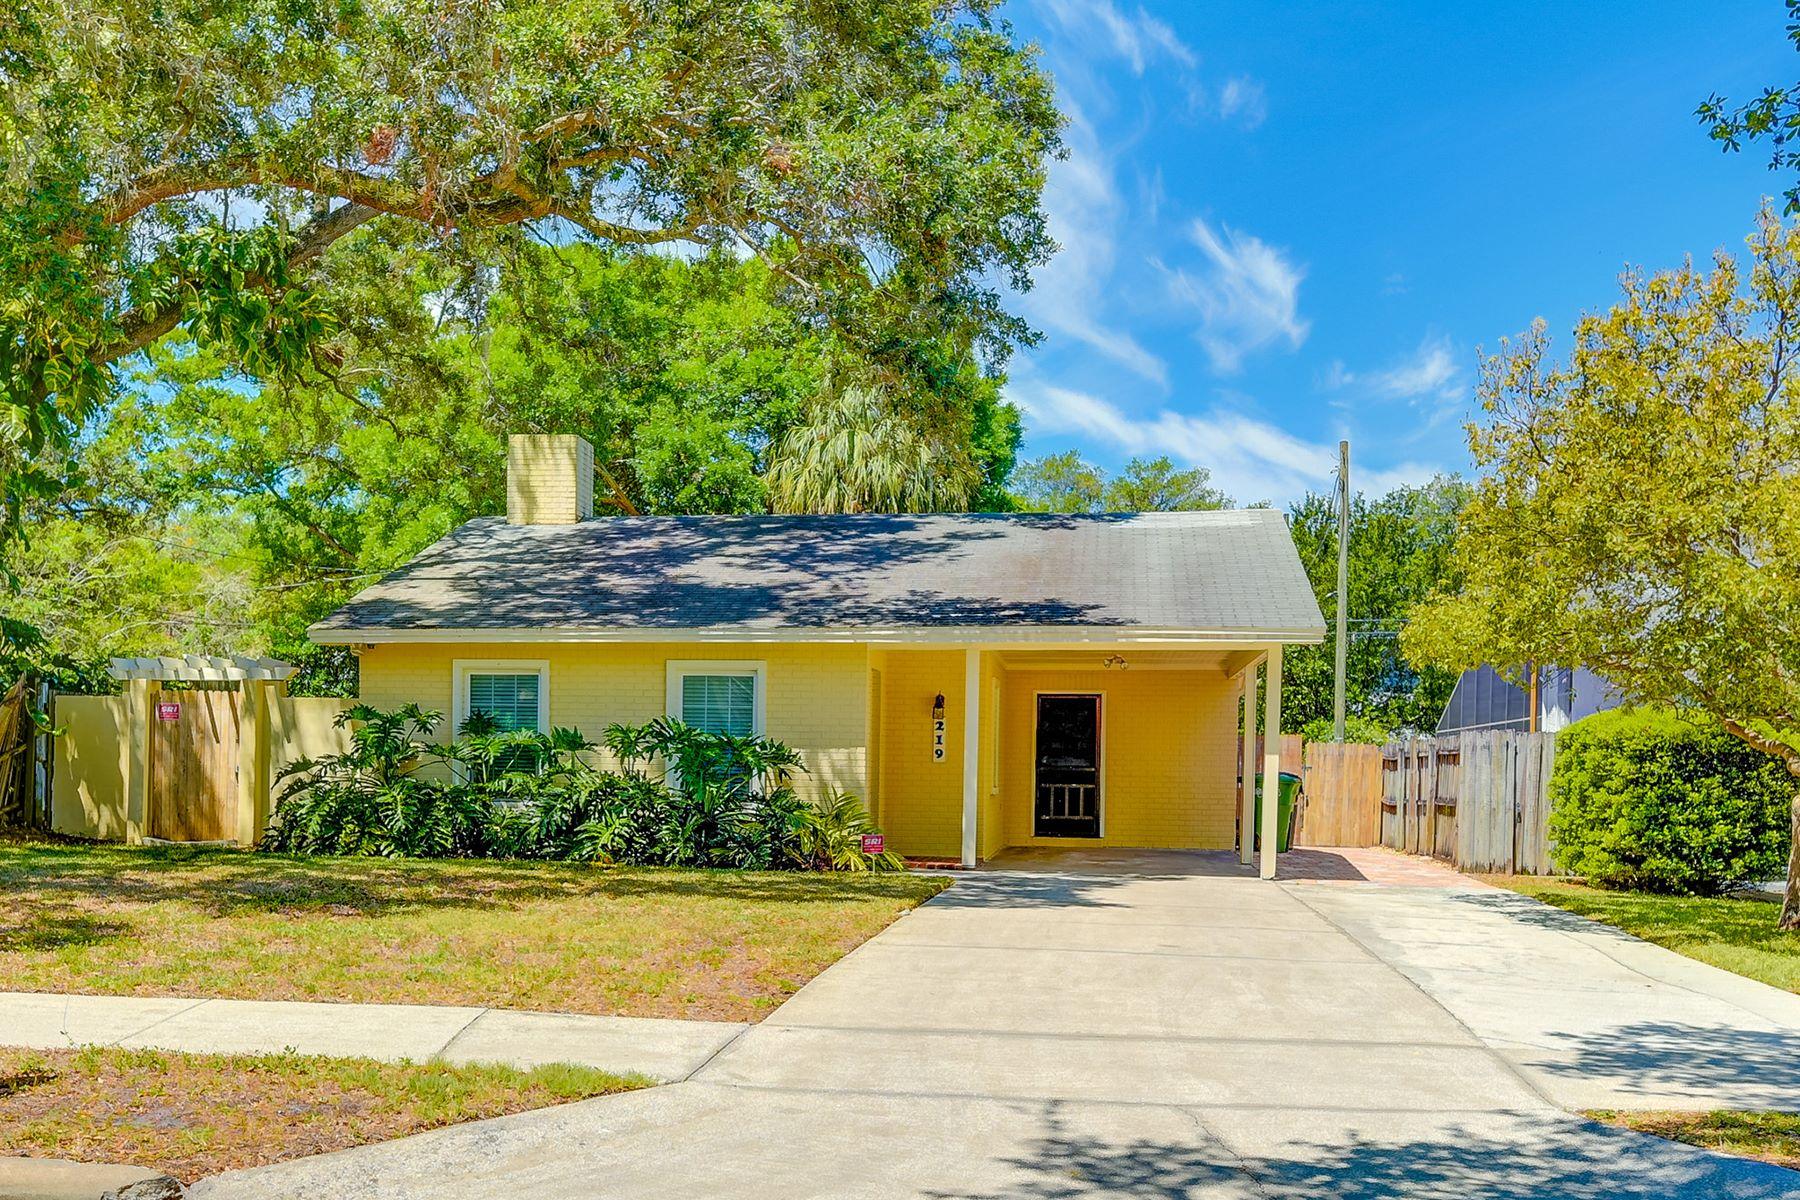 Maison unifamiliale pour l Vente à SOUTH TAMPA 219 S Hale Ave Tampa, Florida, 33609 États-Unis